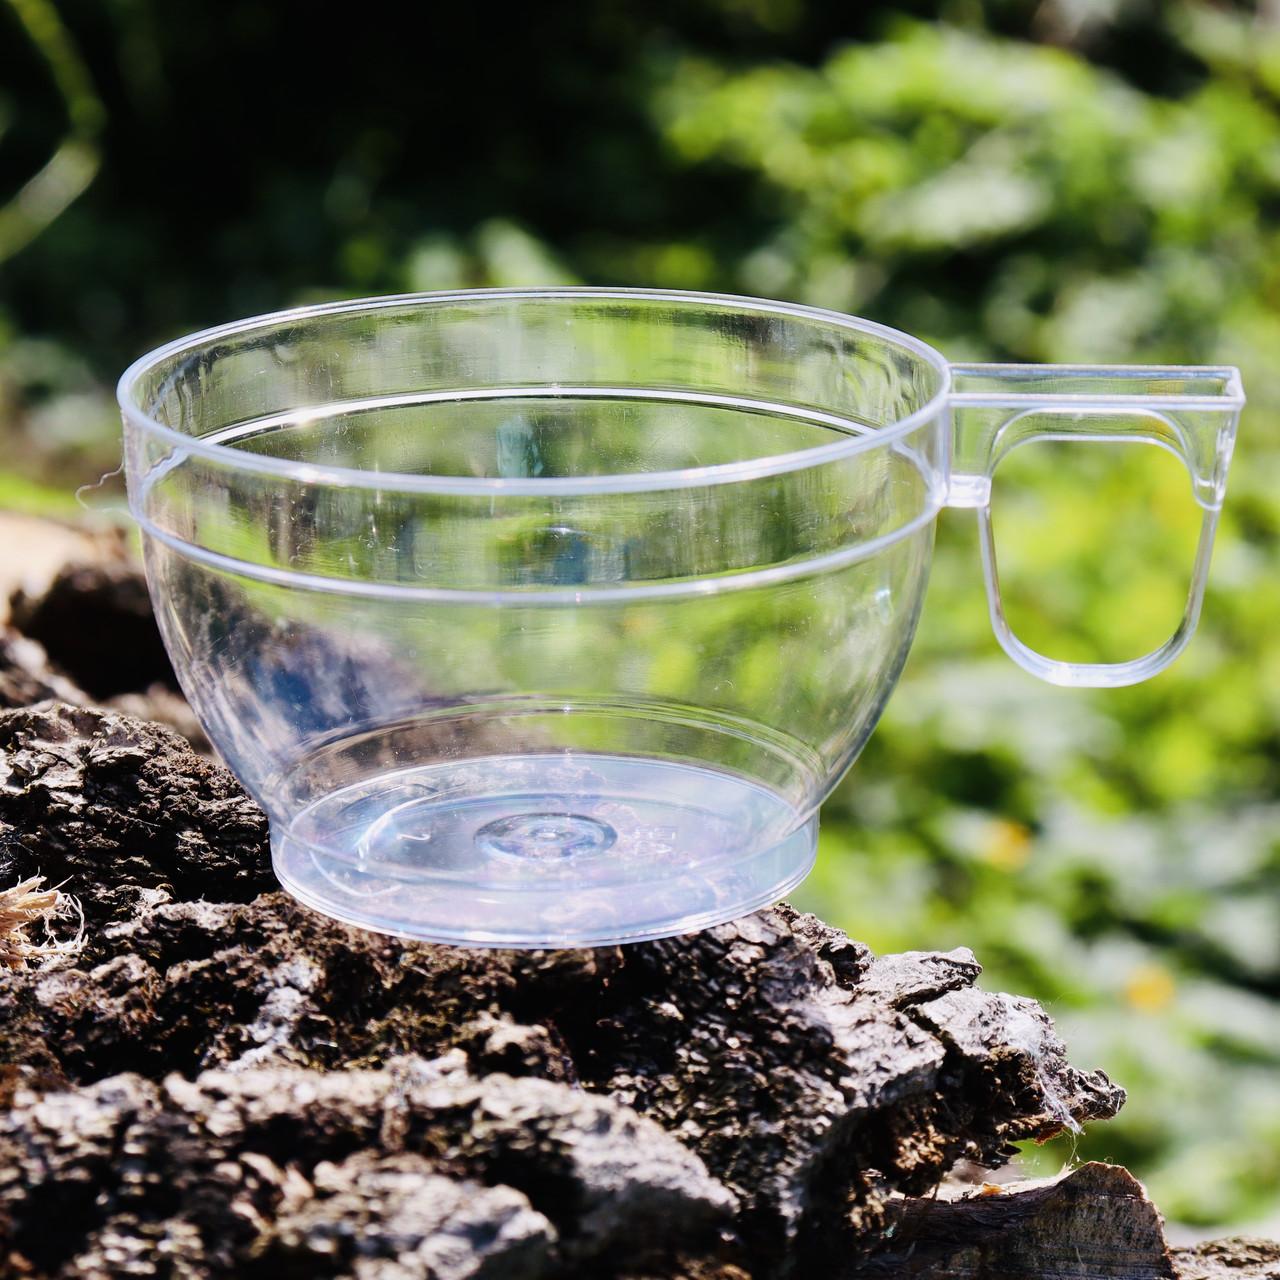 Пластиковые чашки 6 шт/уп 150 мл прозрачные 7.5х4.5 см, Украина